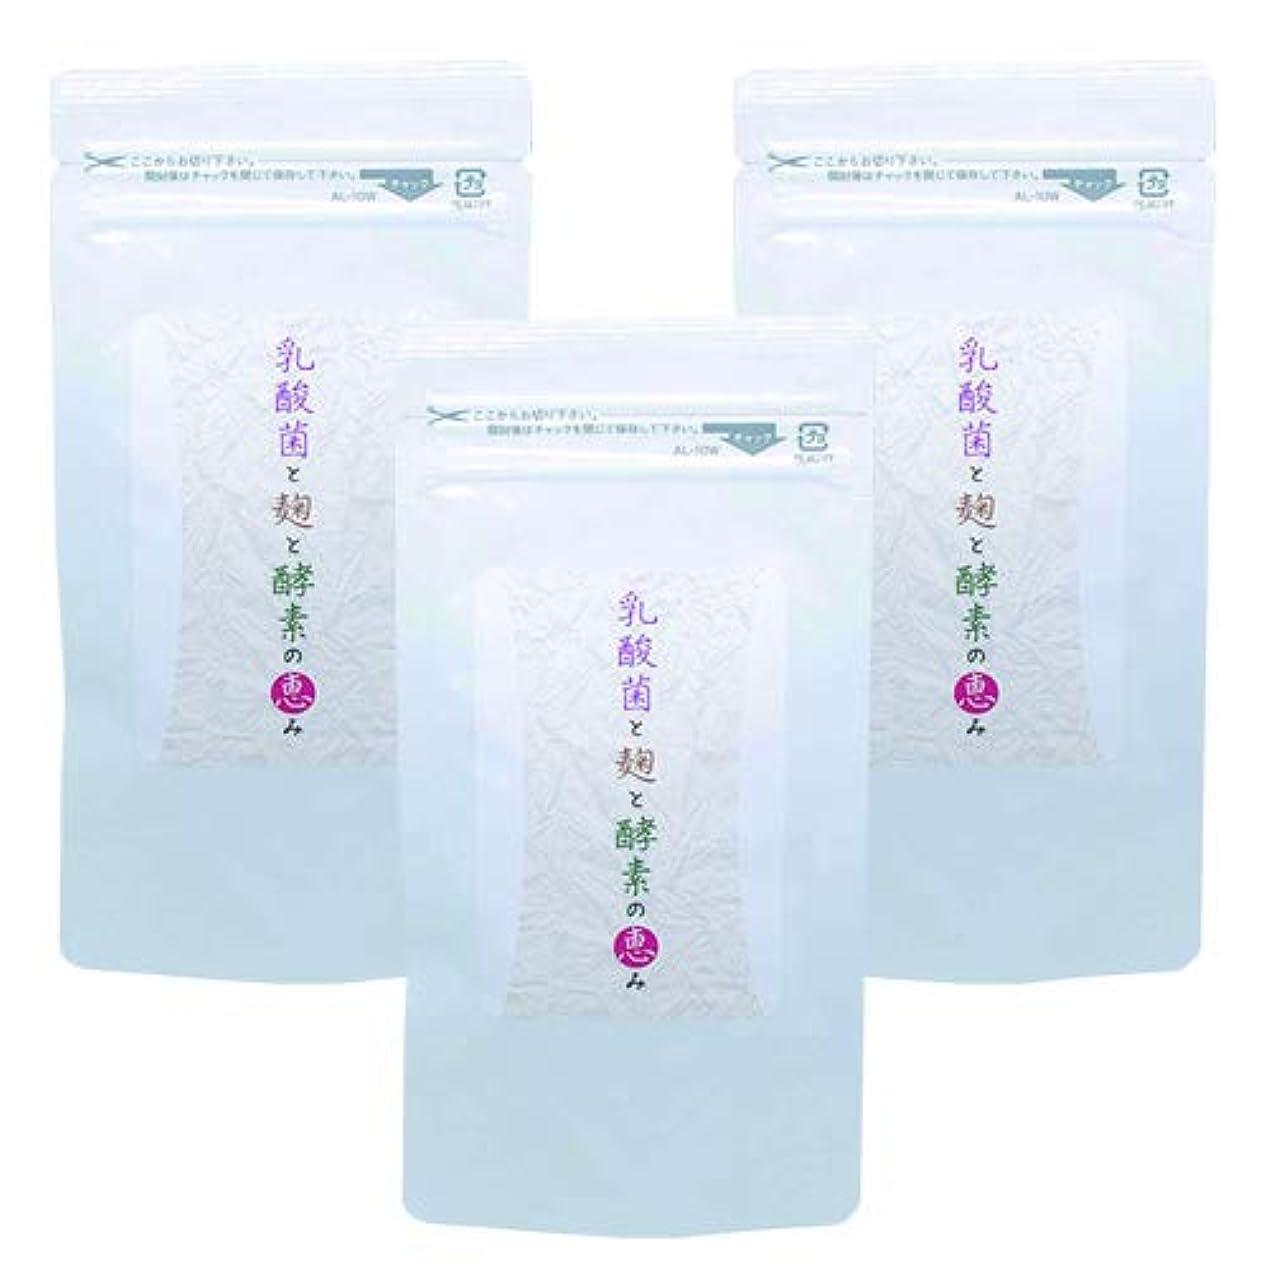 忠実なマットレス失乳酸菌と麹と酵素の恵み (3)